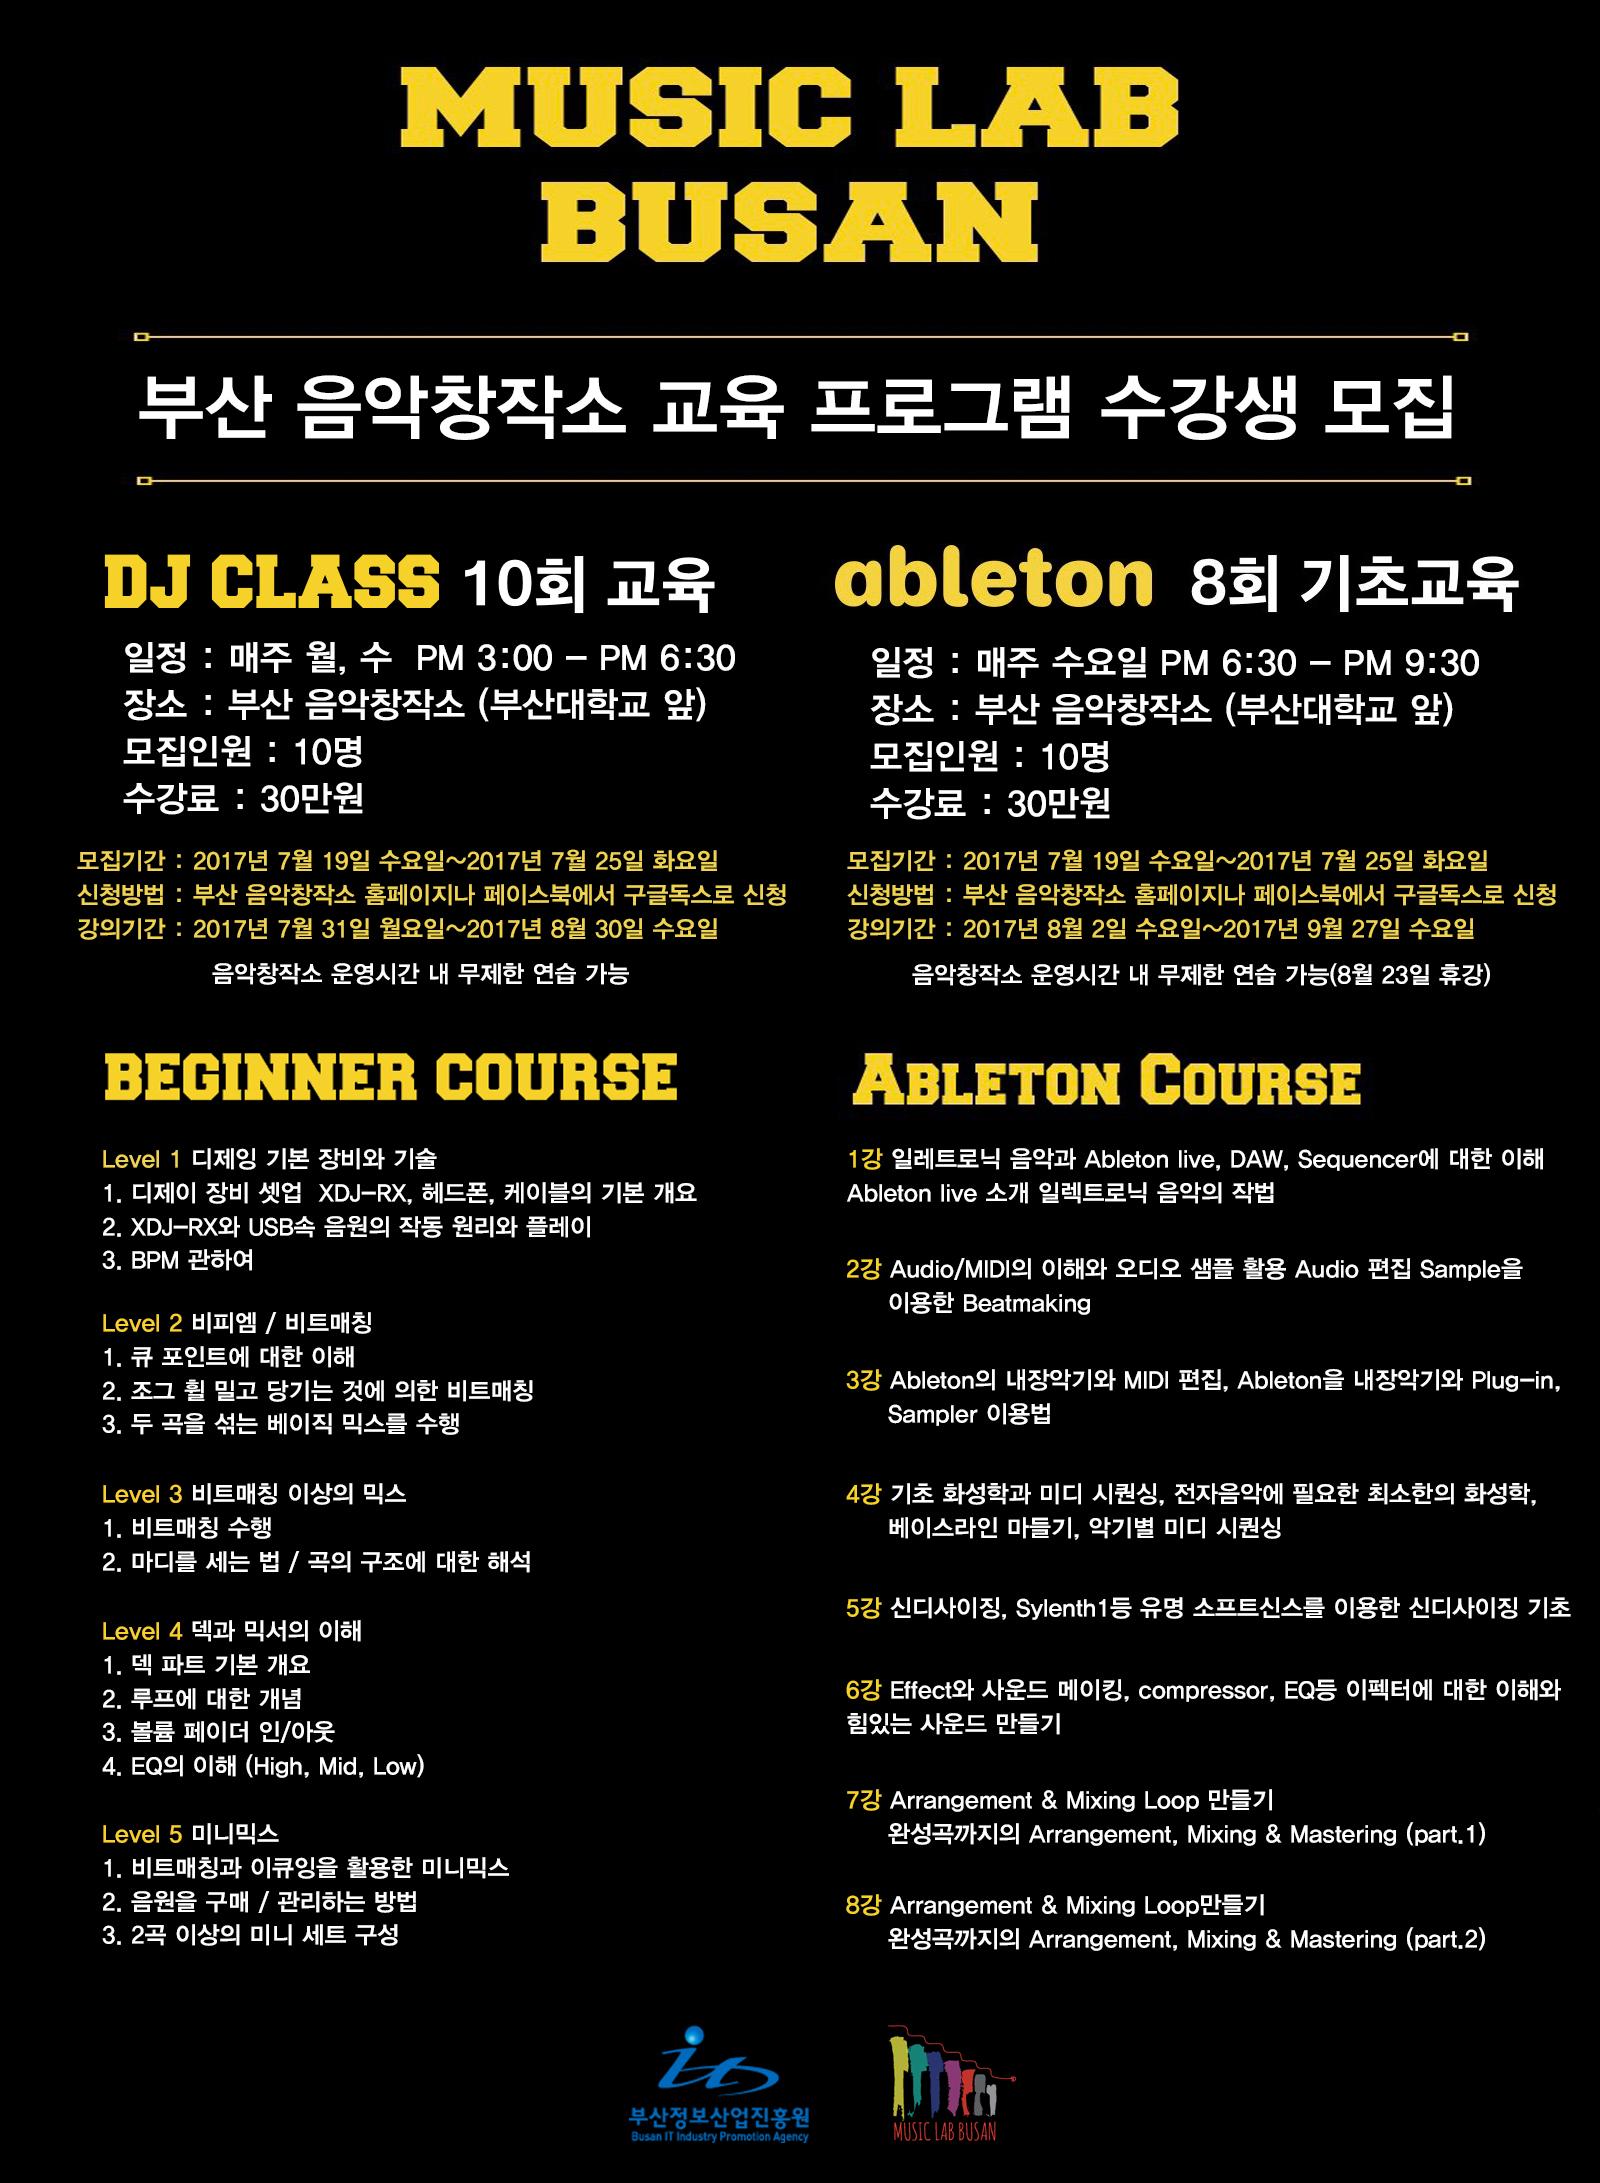 부산 음악창작소 교육 프로그램 수강생 모집안내(DJ, Ableton Live)